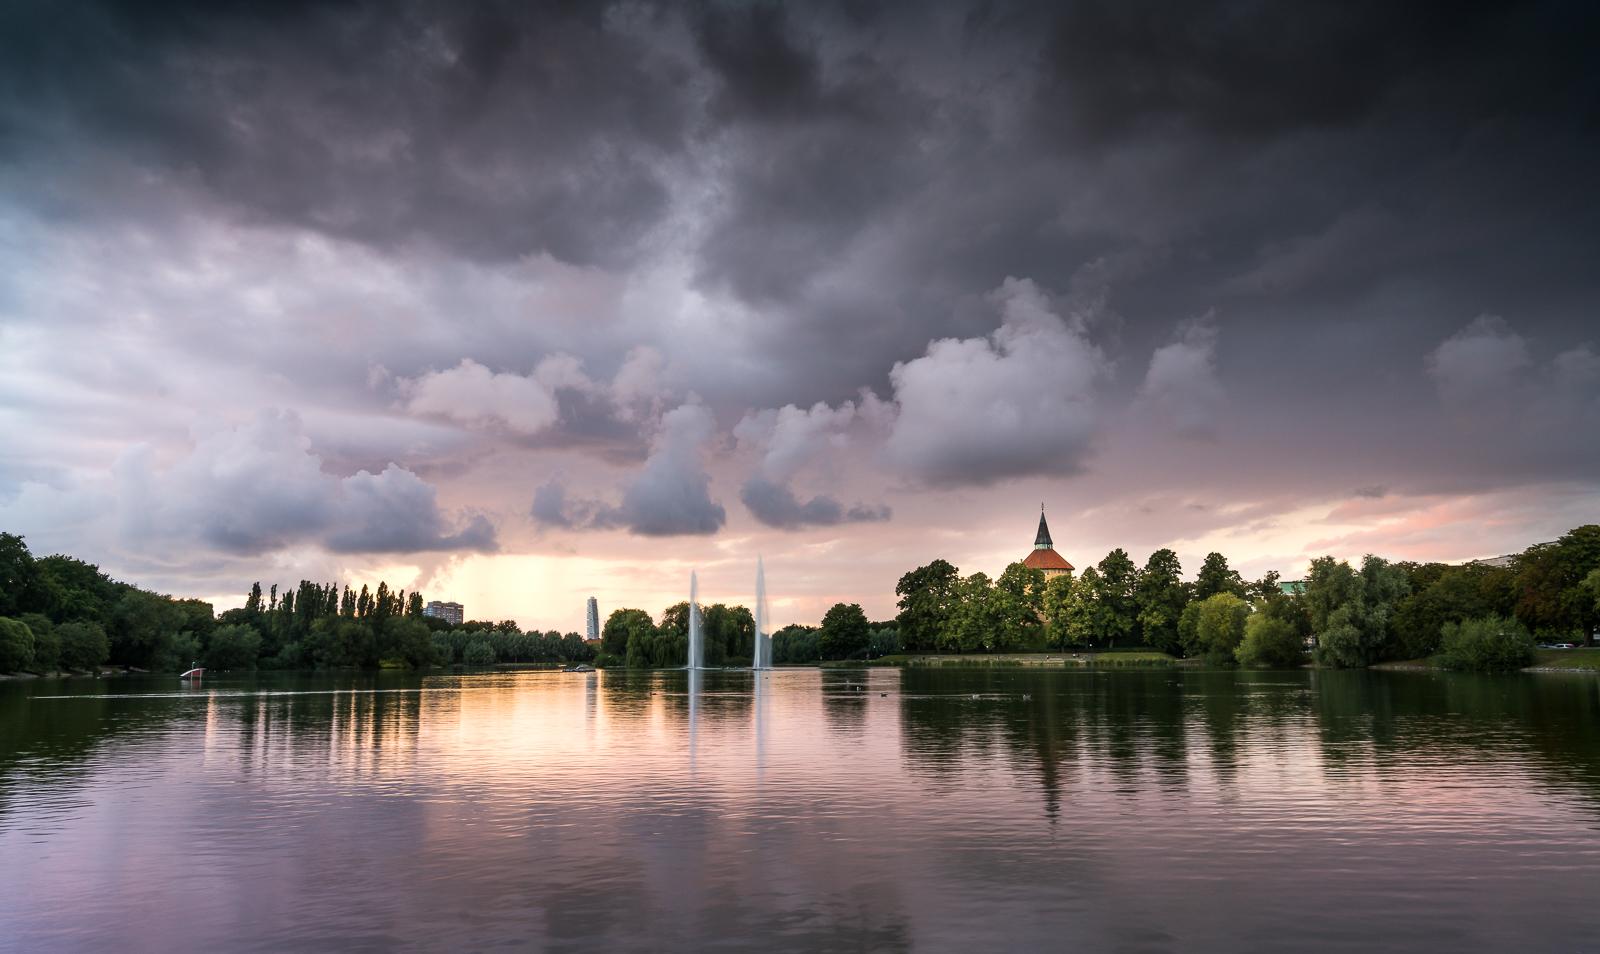 Pildammsparken during sunset and stormy summer weather